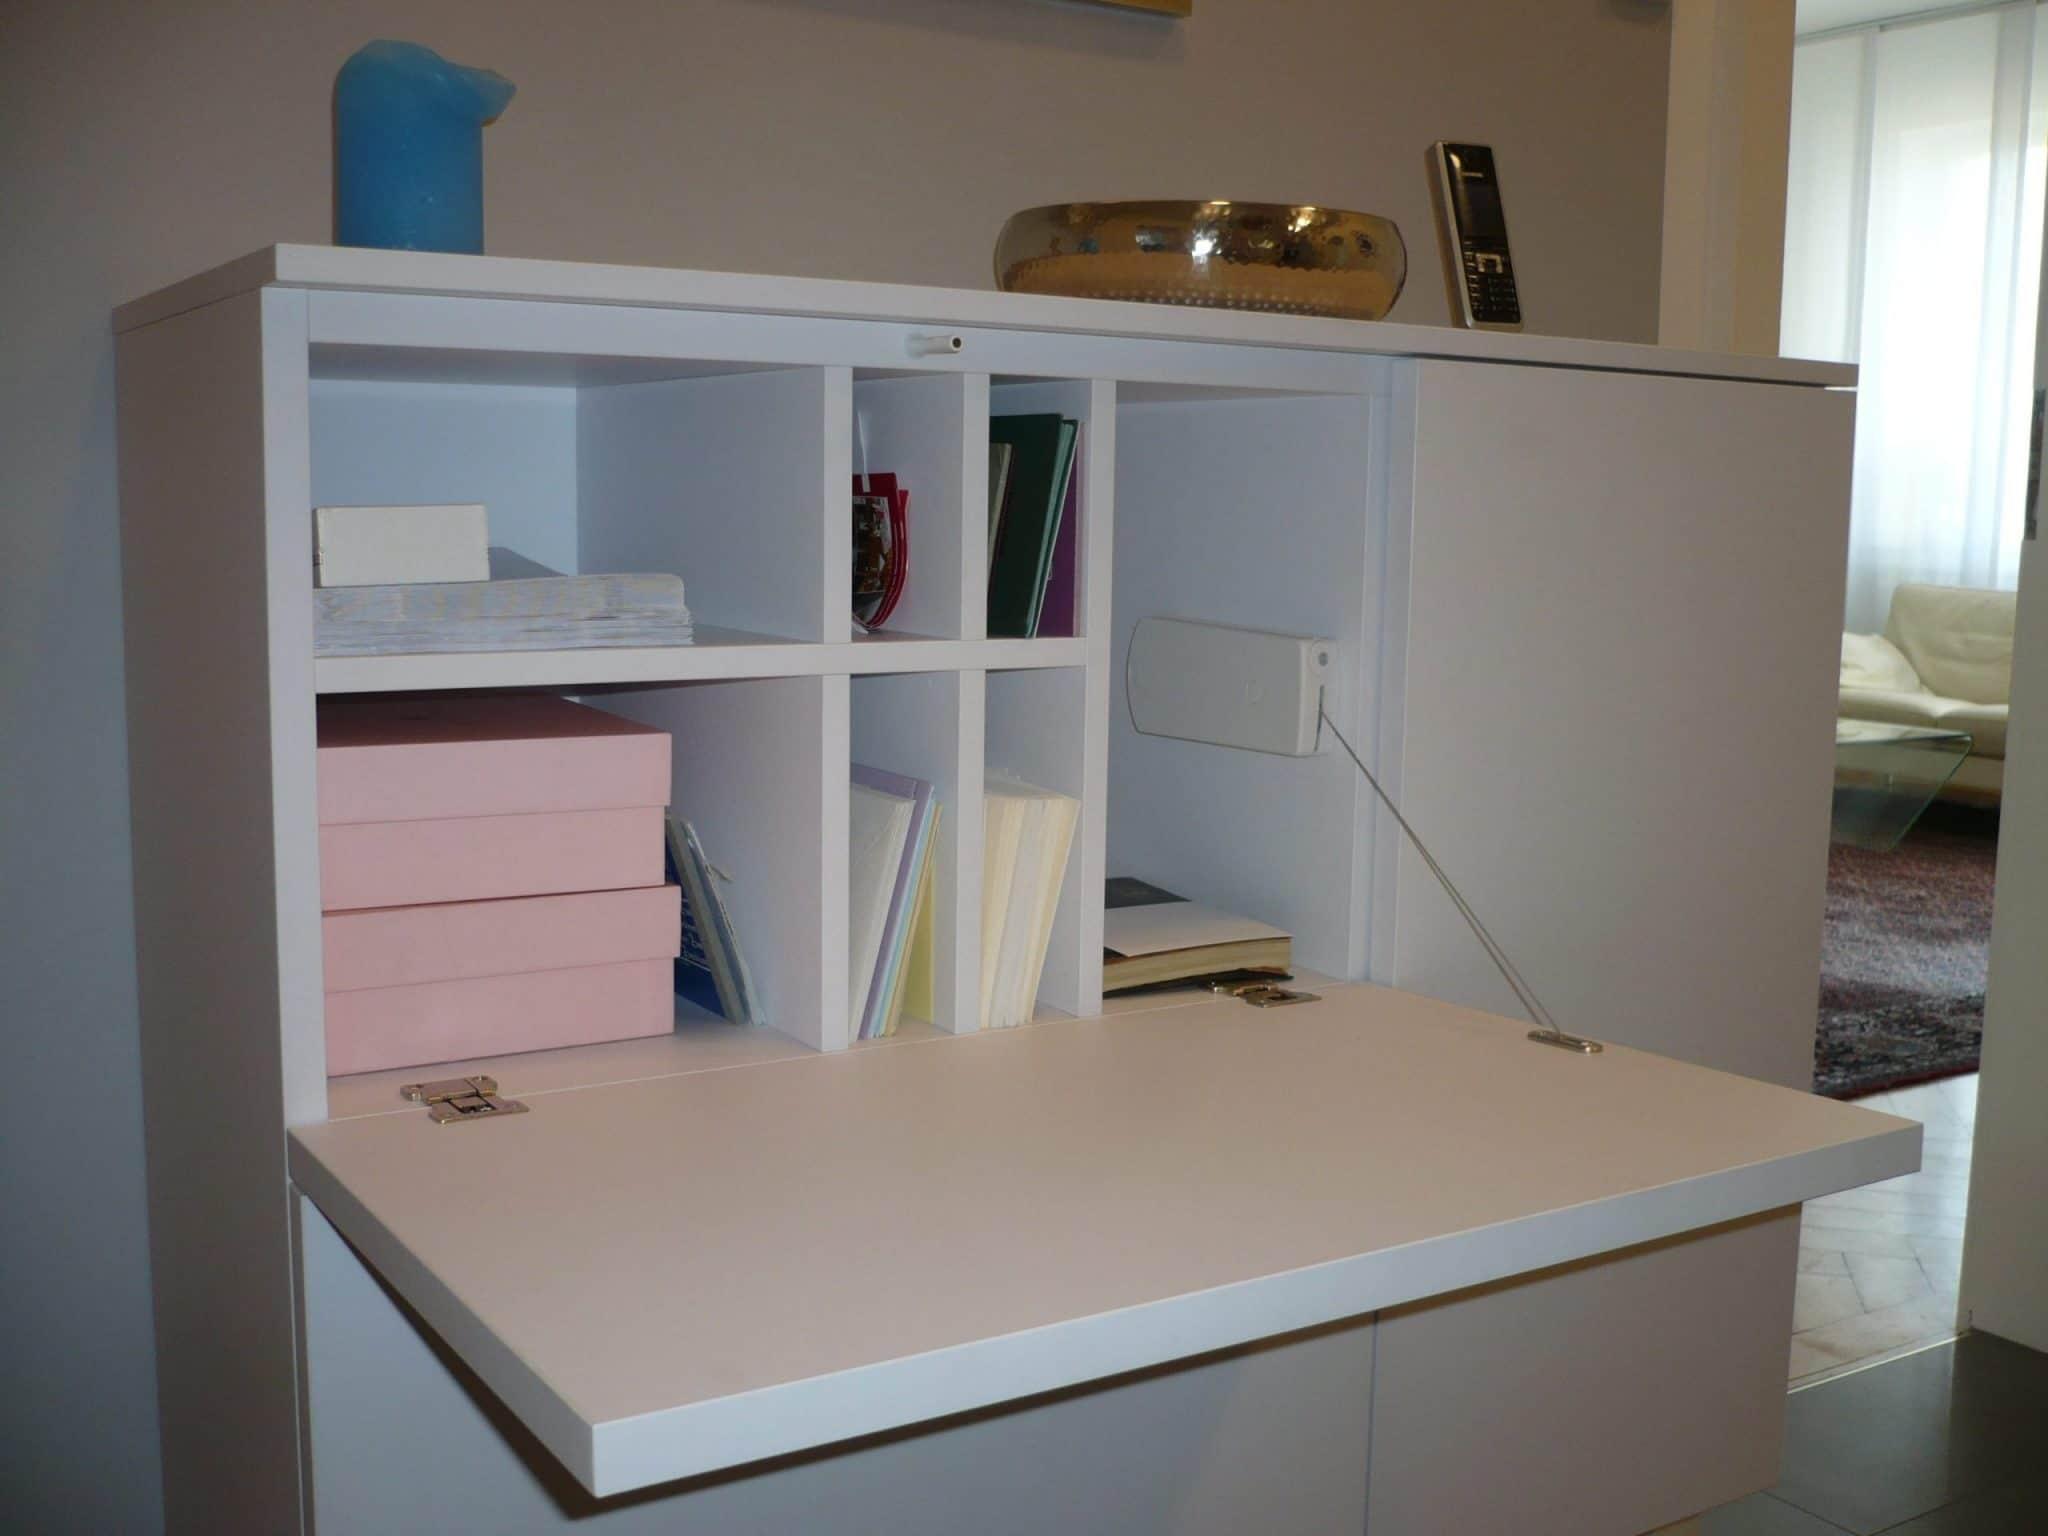 tischlerei-hanses-essen-moebel-handwerk-wohnraum-30